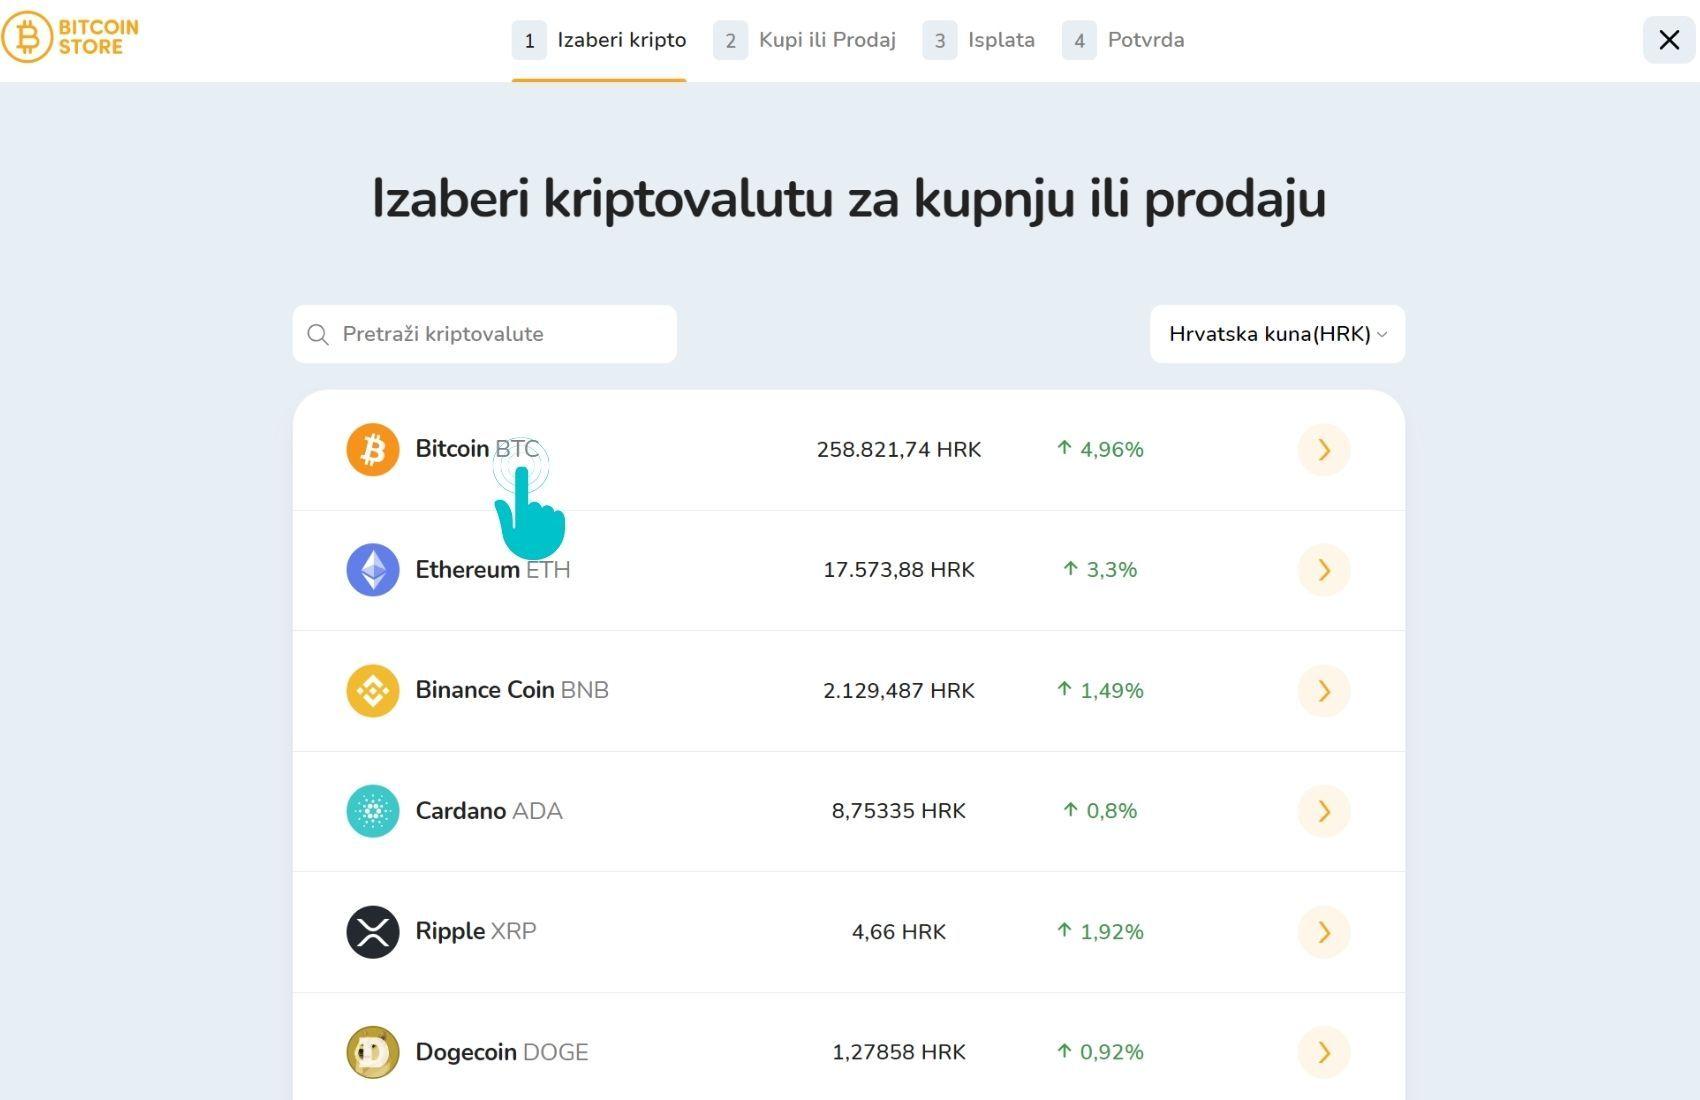 Popis kriptovaluta za kupnju i prodaju na Bitcoin Store Walletu.